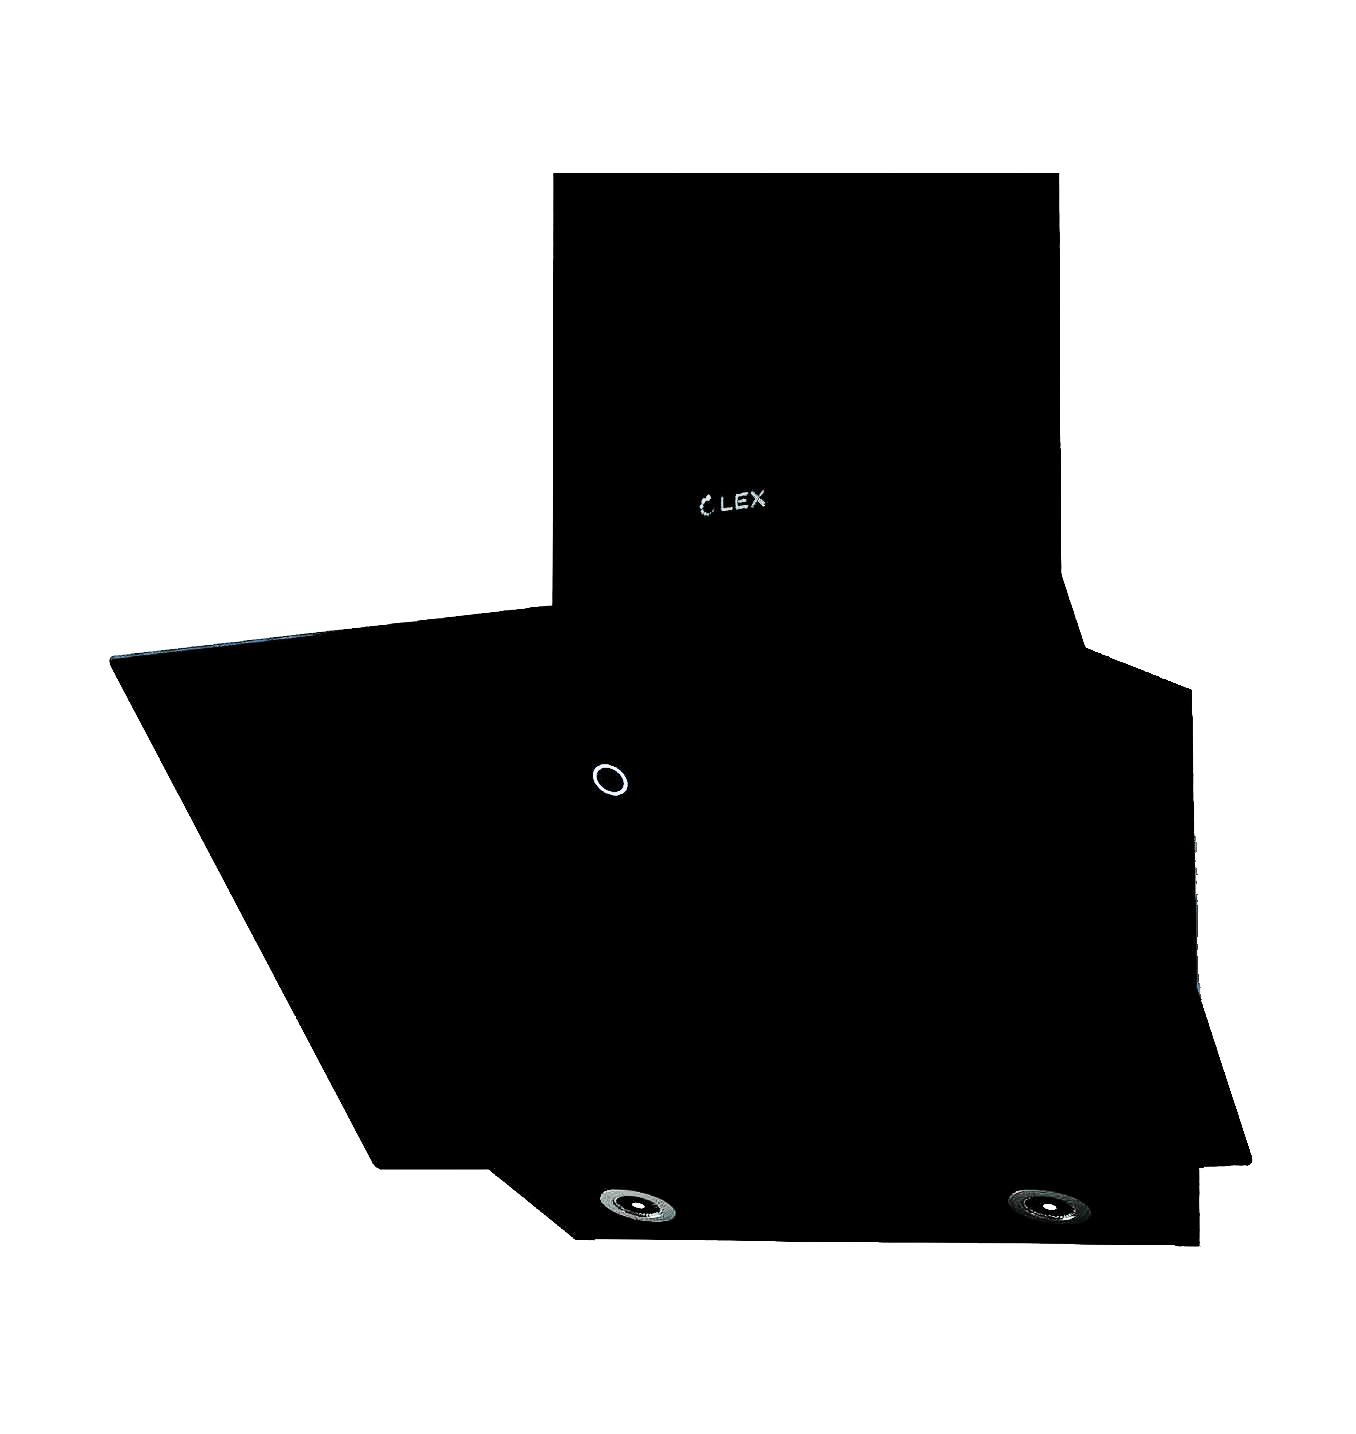 Наклонная вытяжка LEX TOUCH 600 BLACK купить в СПБ